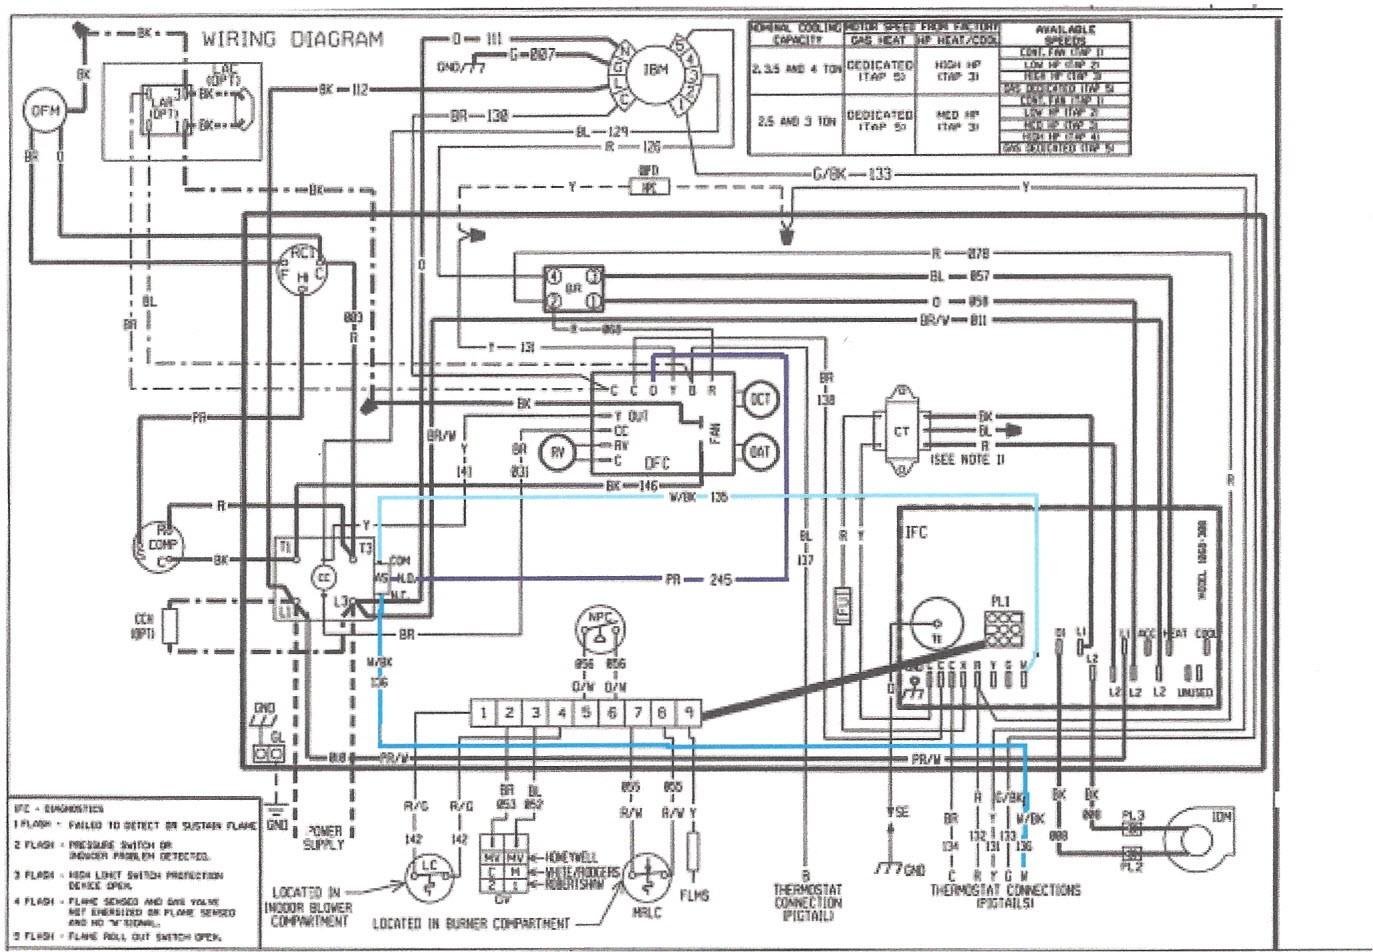 Wiring Diagram Rheem Condenser Fair Heat Pump Diagrams